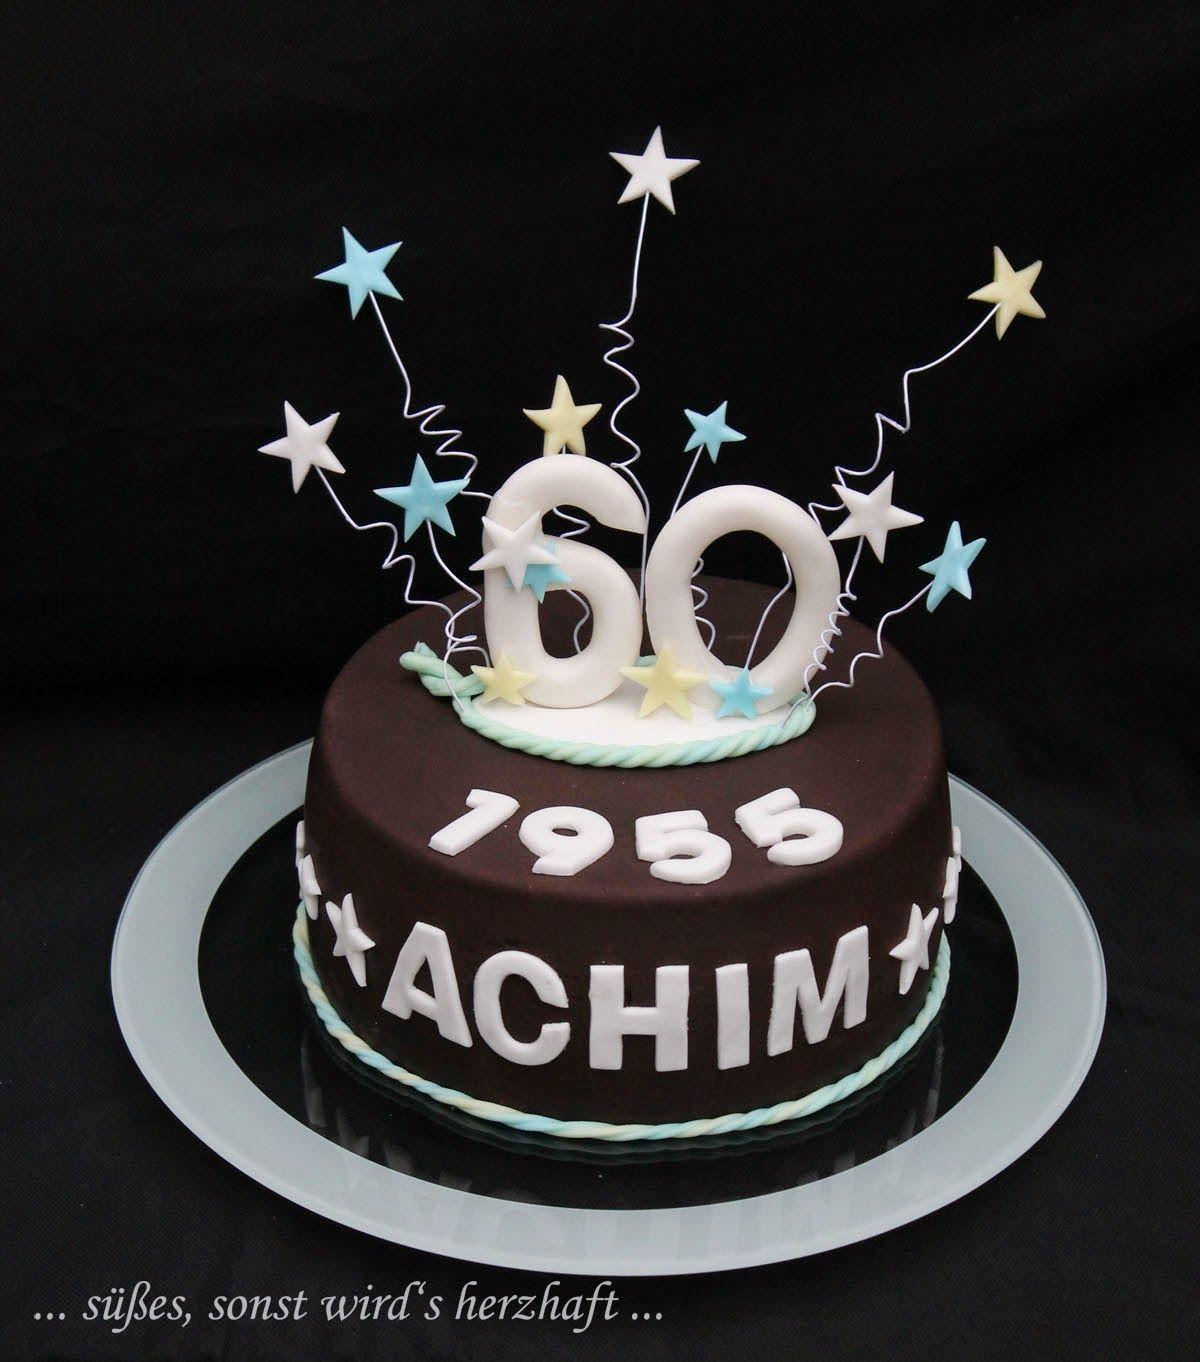 Geburtstagstorte Männer  Torte zum Geburtstag Torte für Männer Torte zum 60